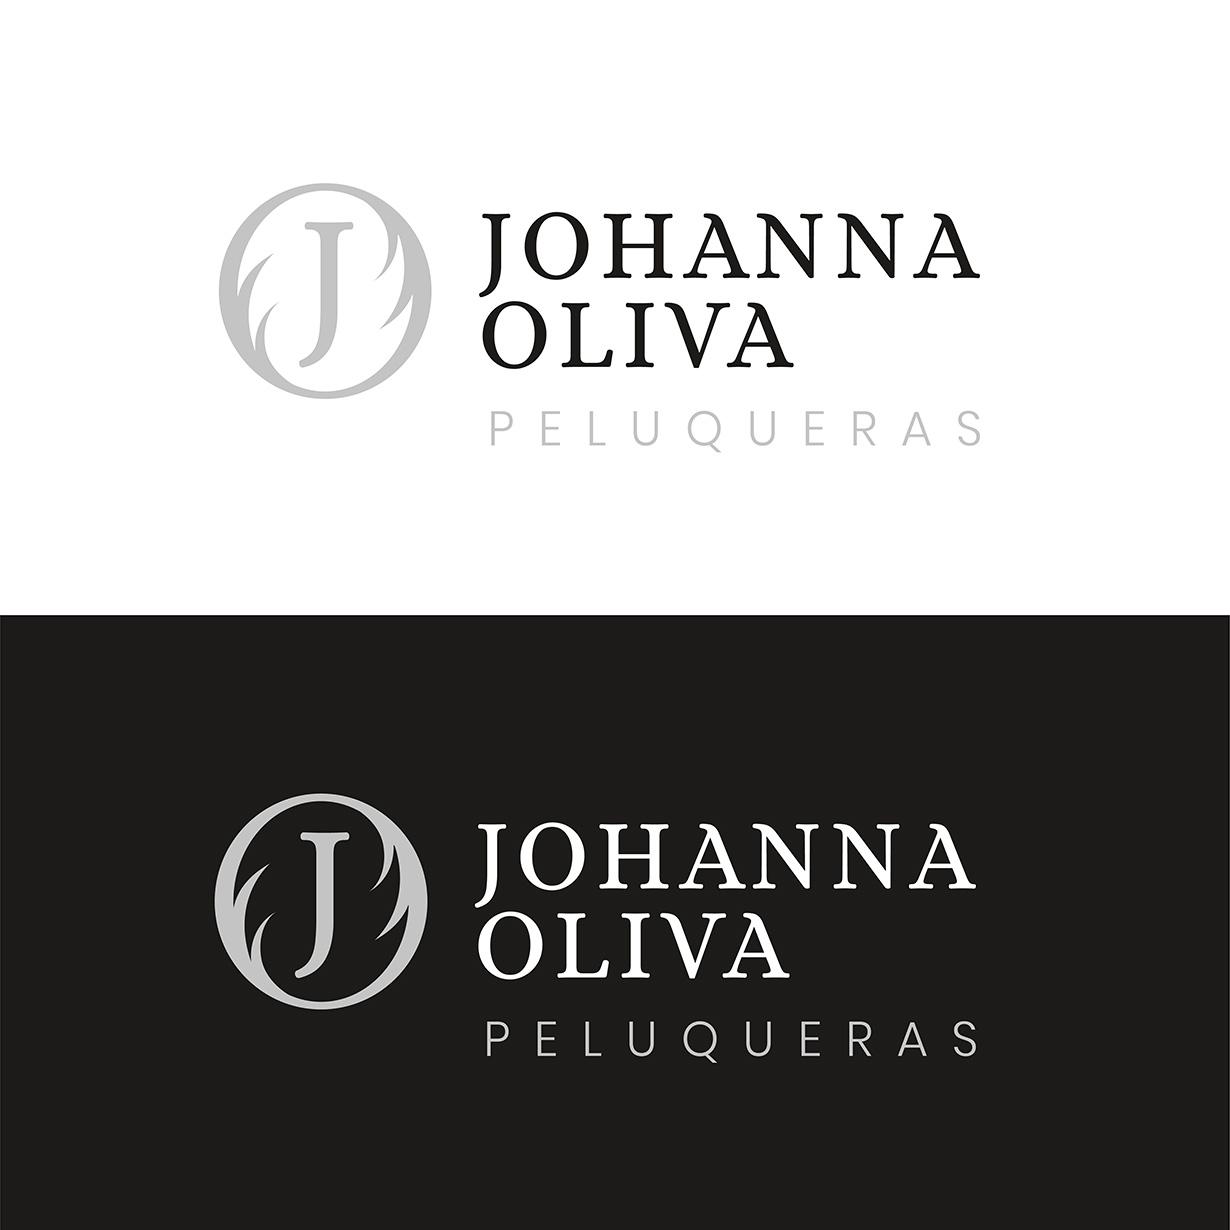 logotipo-peluqueria-johanna-oliva